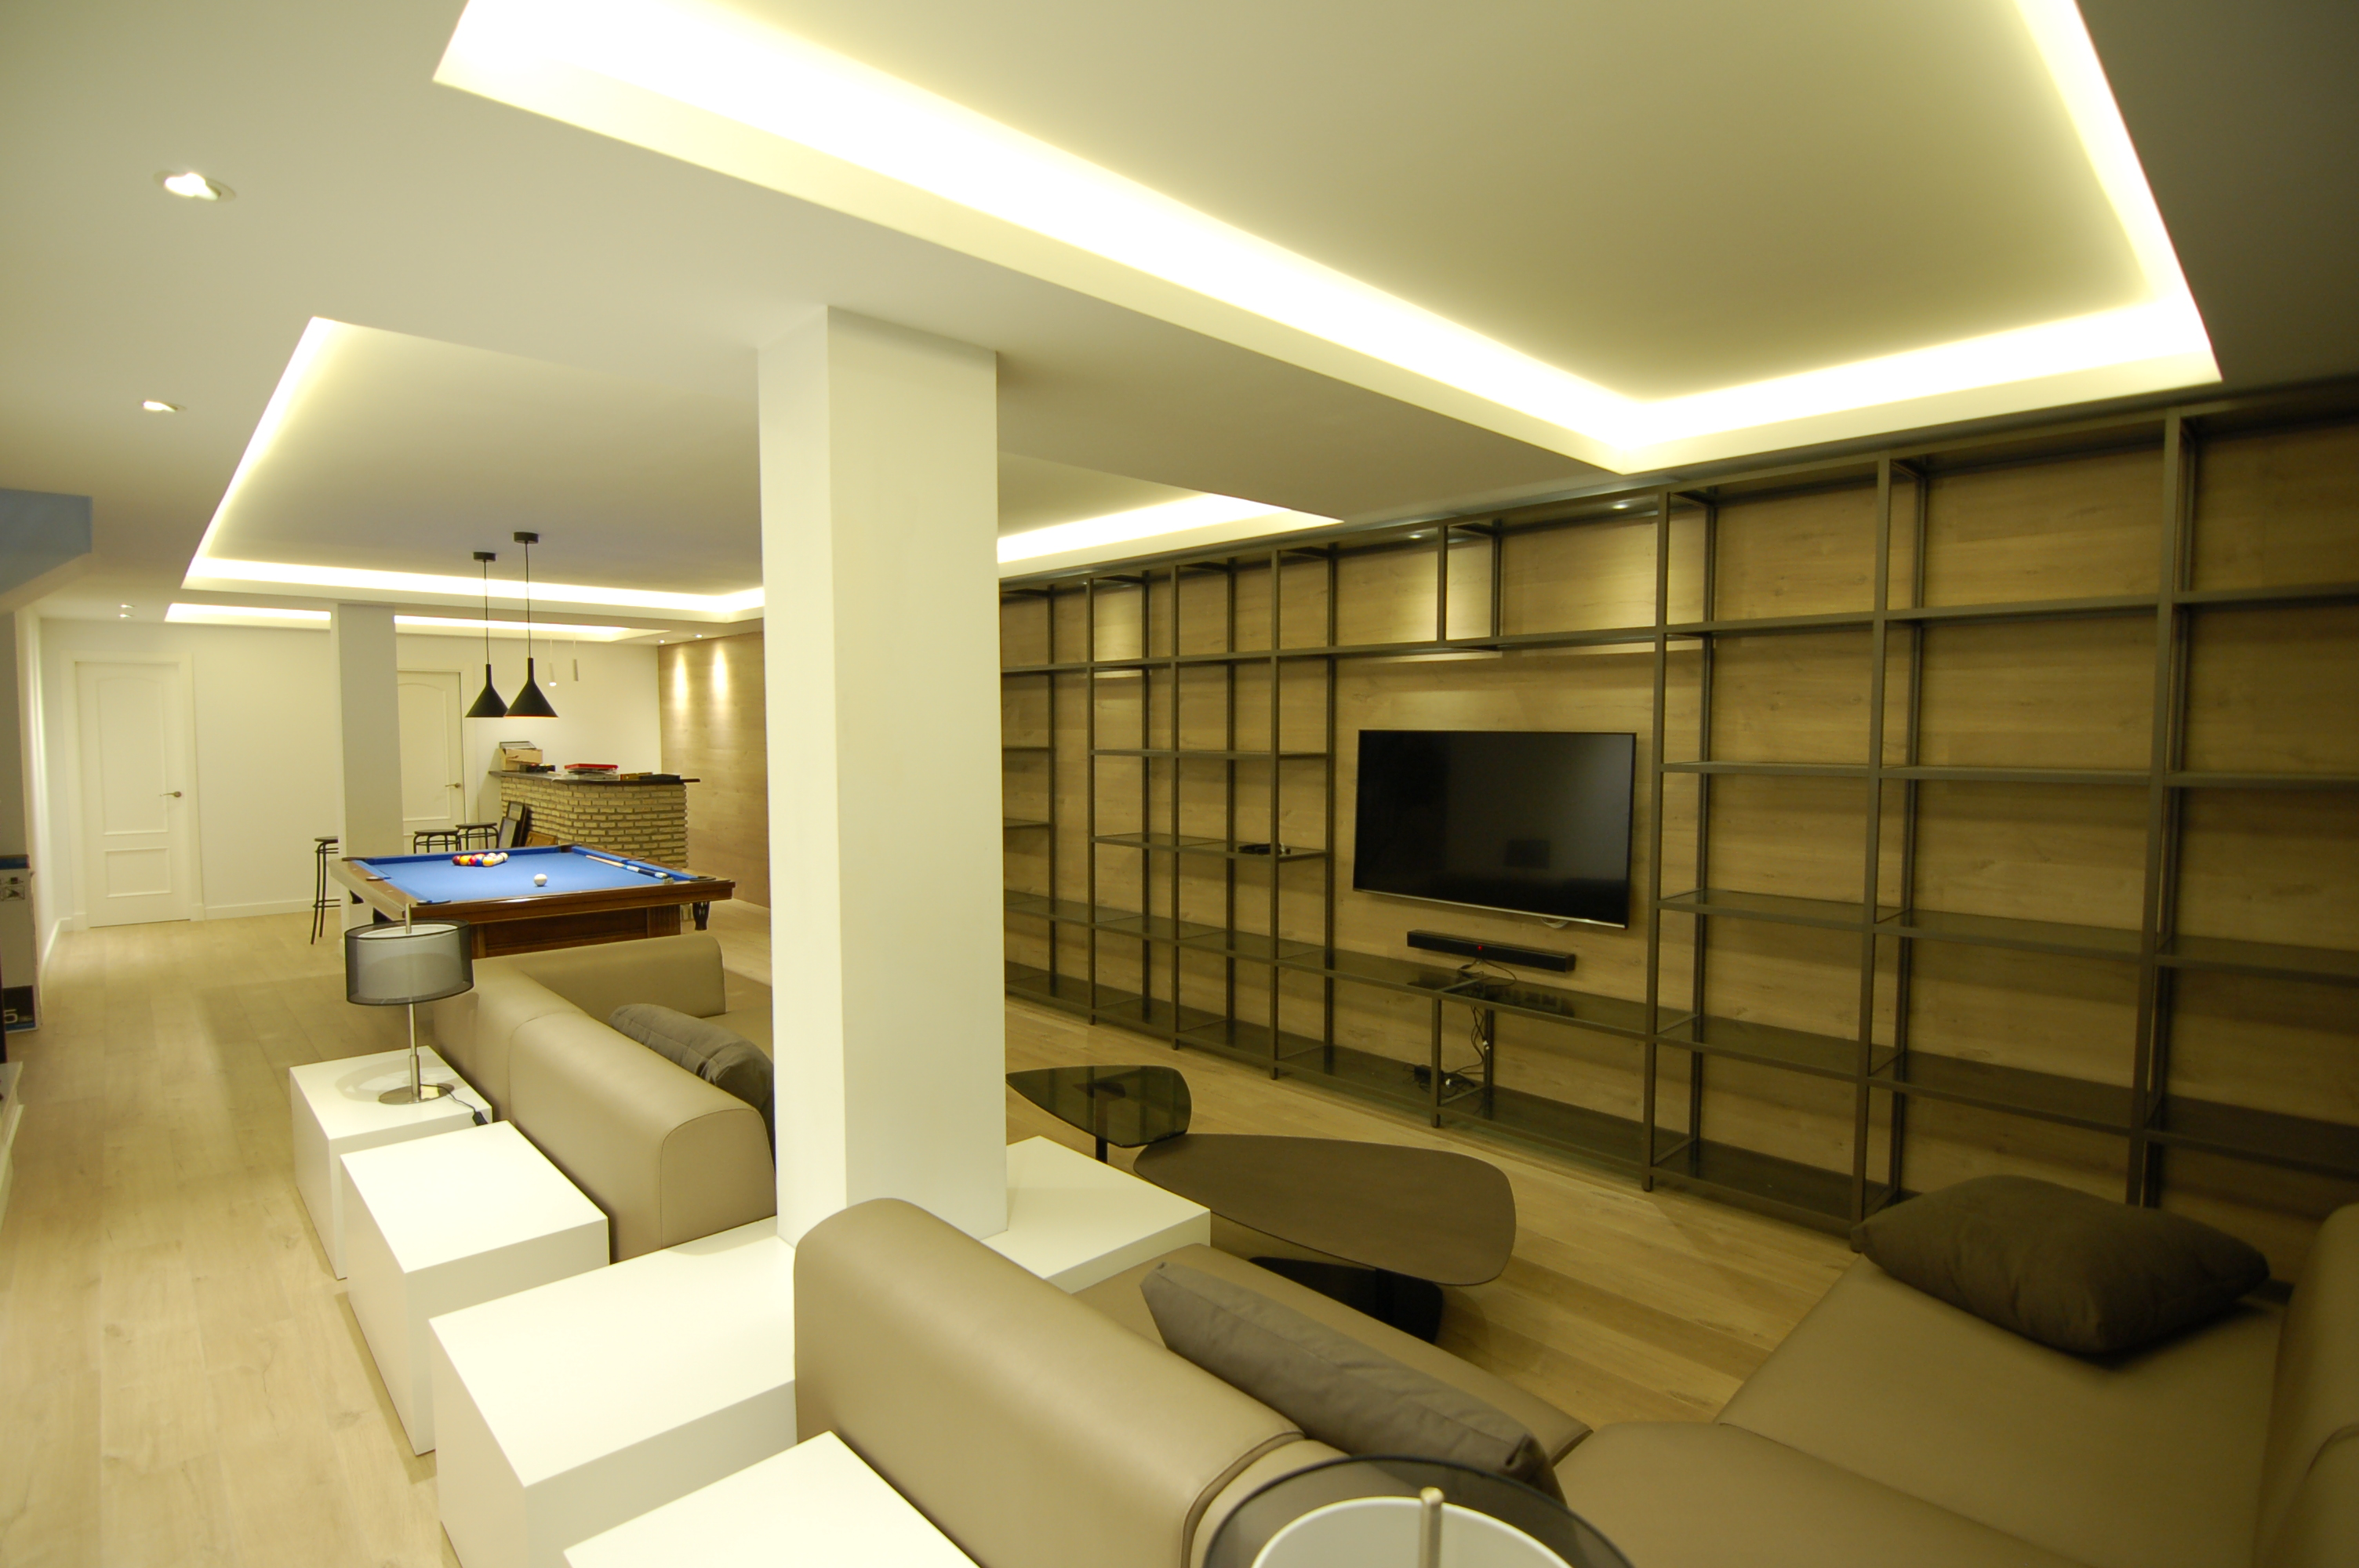 decoracion cadiz, equipamiento cadiz, diseño cadiz, contract